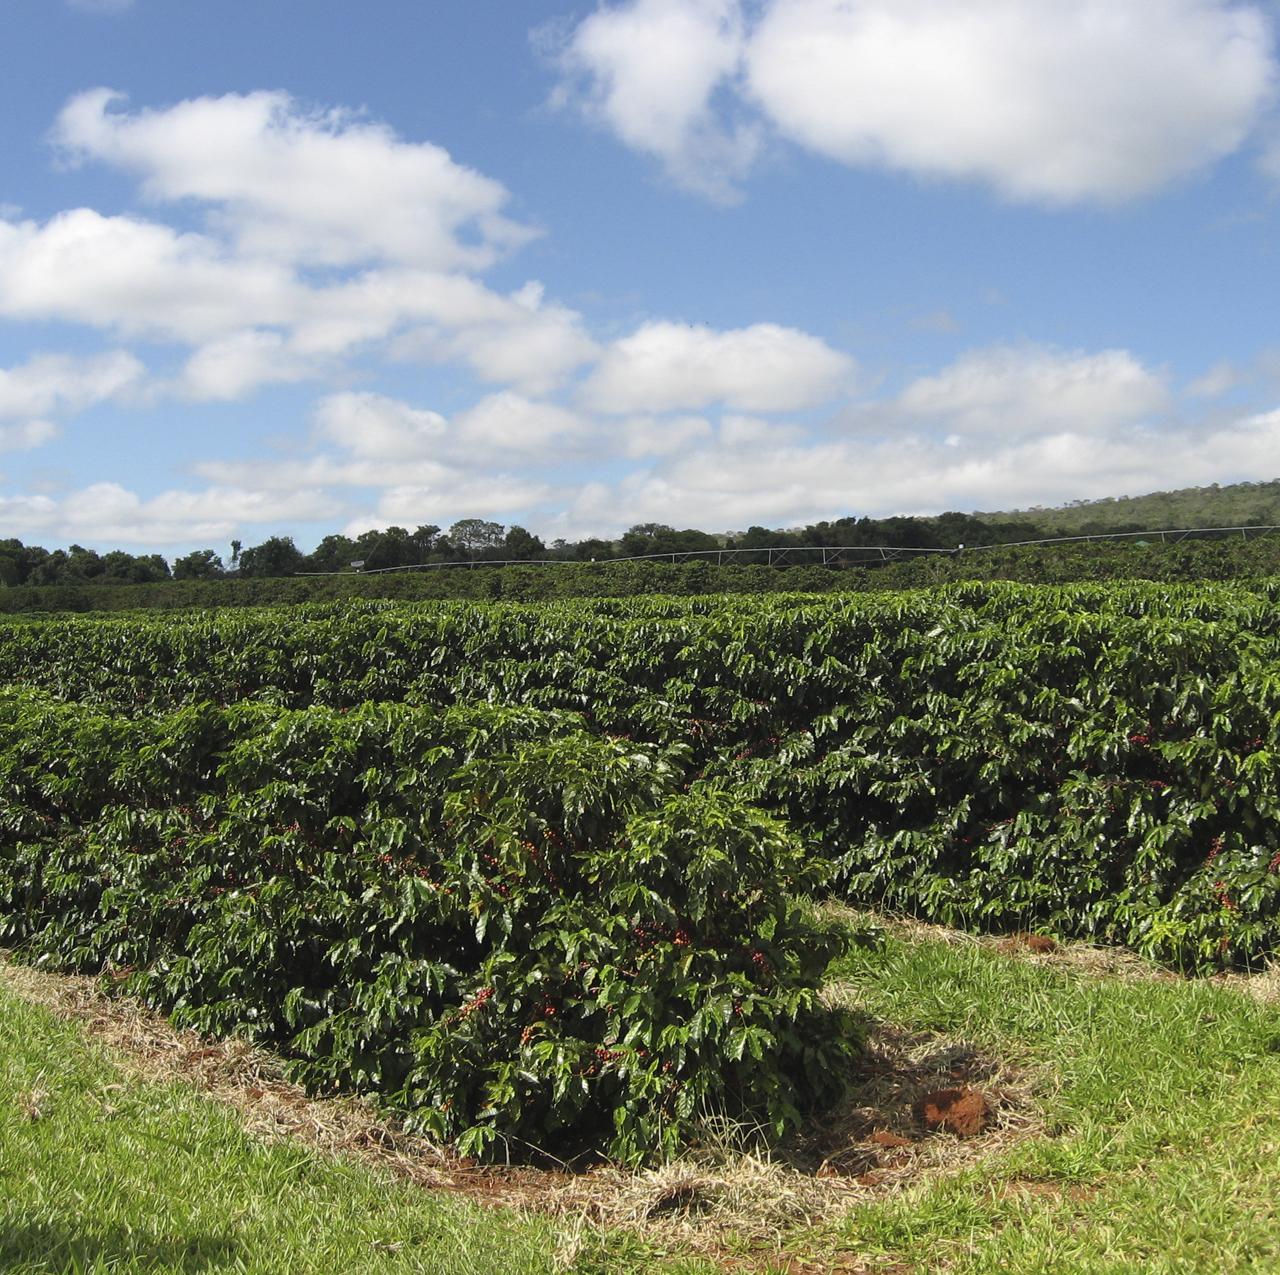 Poda do cafeeiro contribui para aumento da produtividade da lavoura